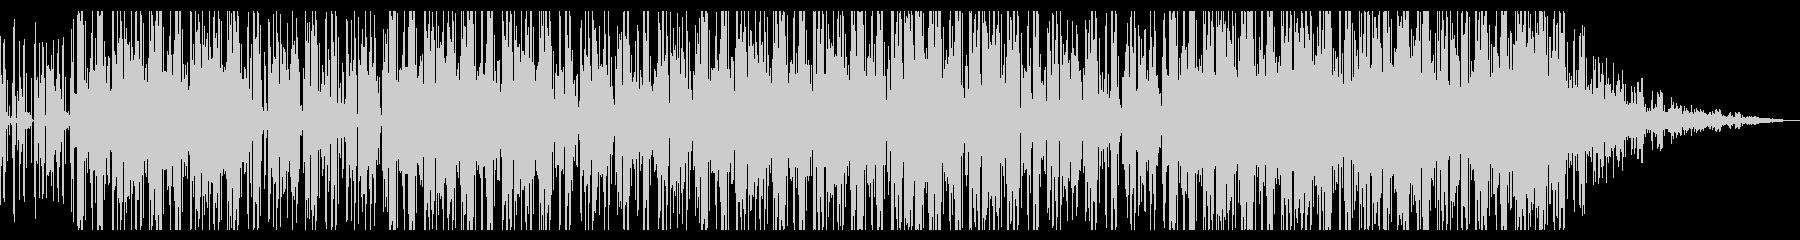 ミクスチャーサンバソウルの未再生の波形